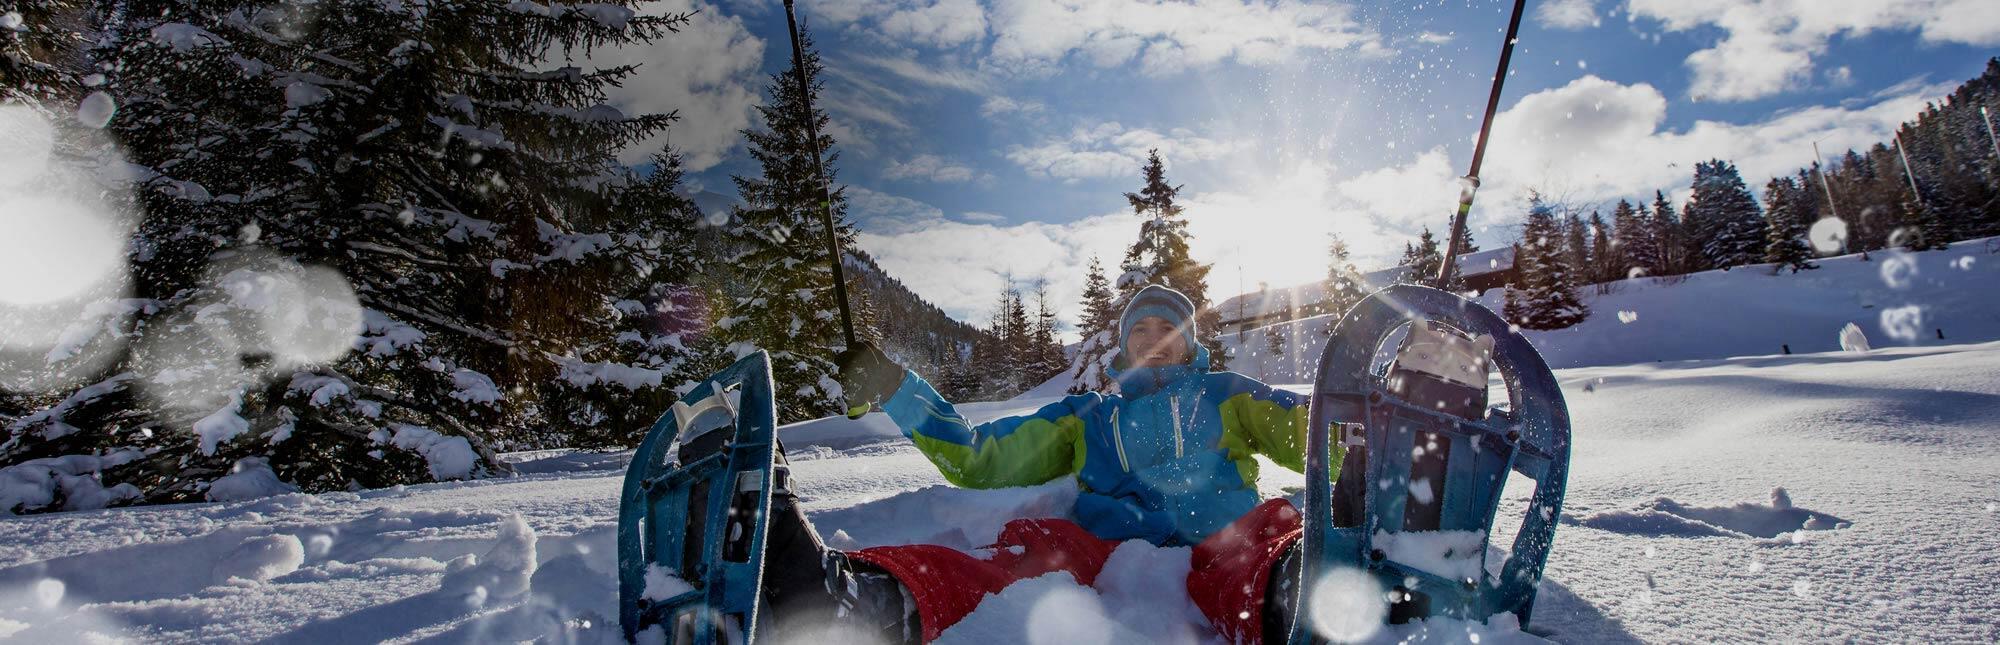 arnikahotel en cross-country-skiing-snowshoeing 026